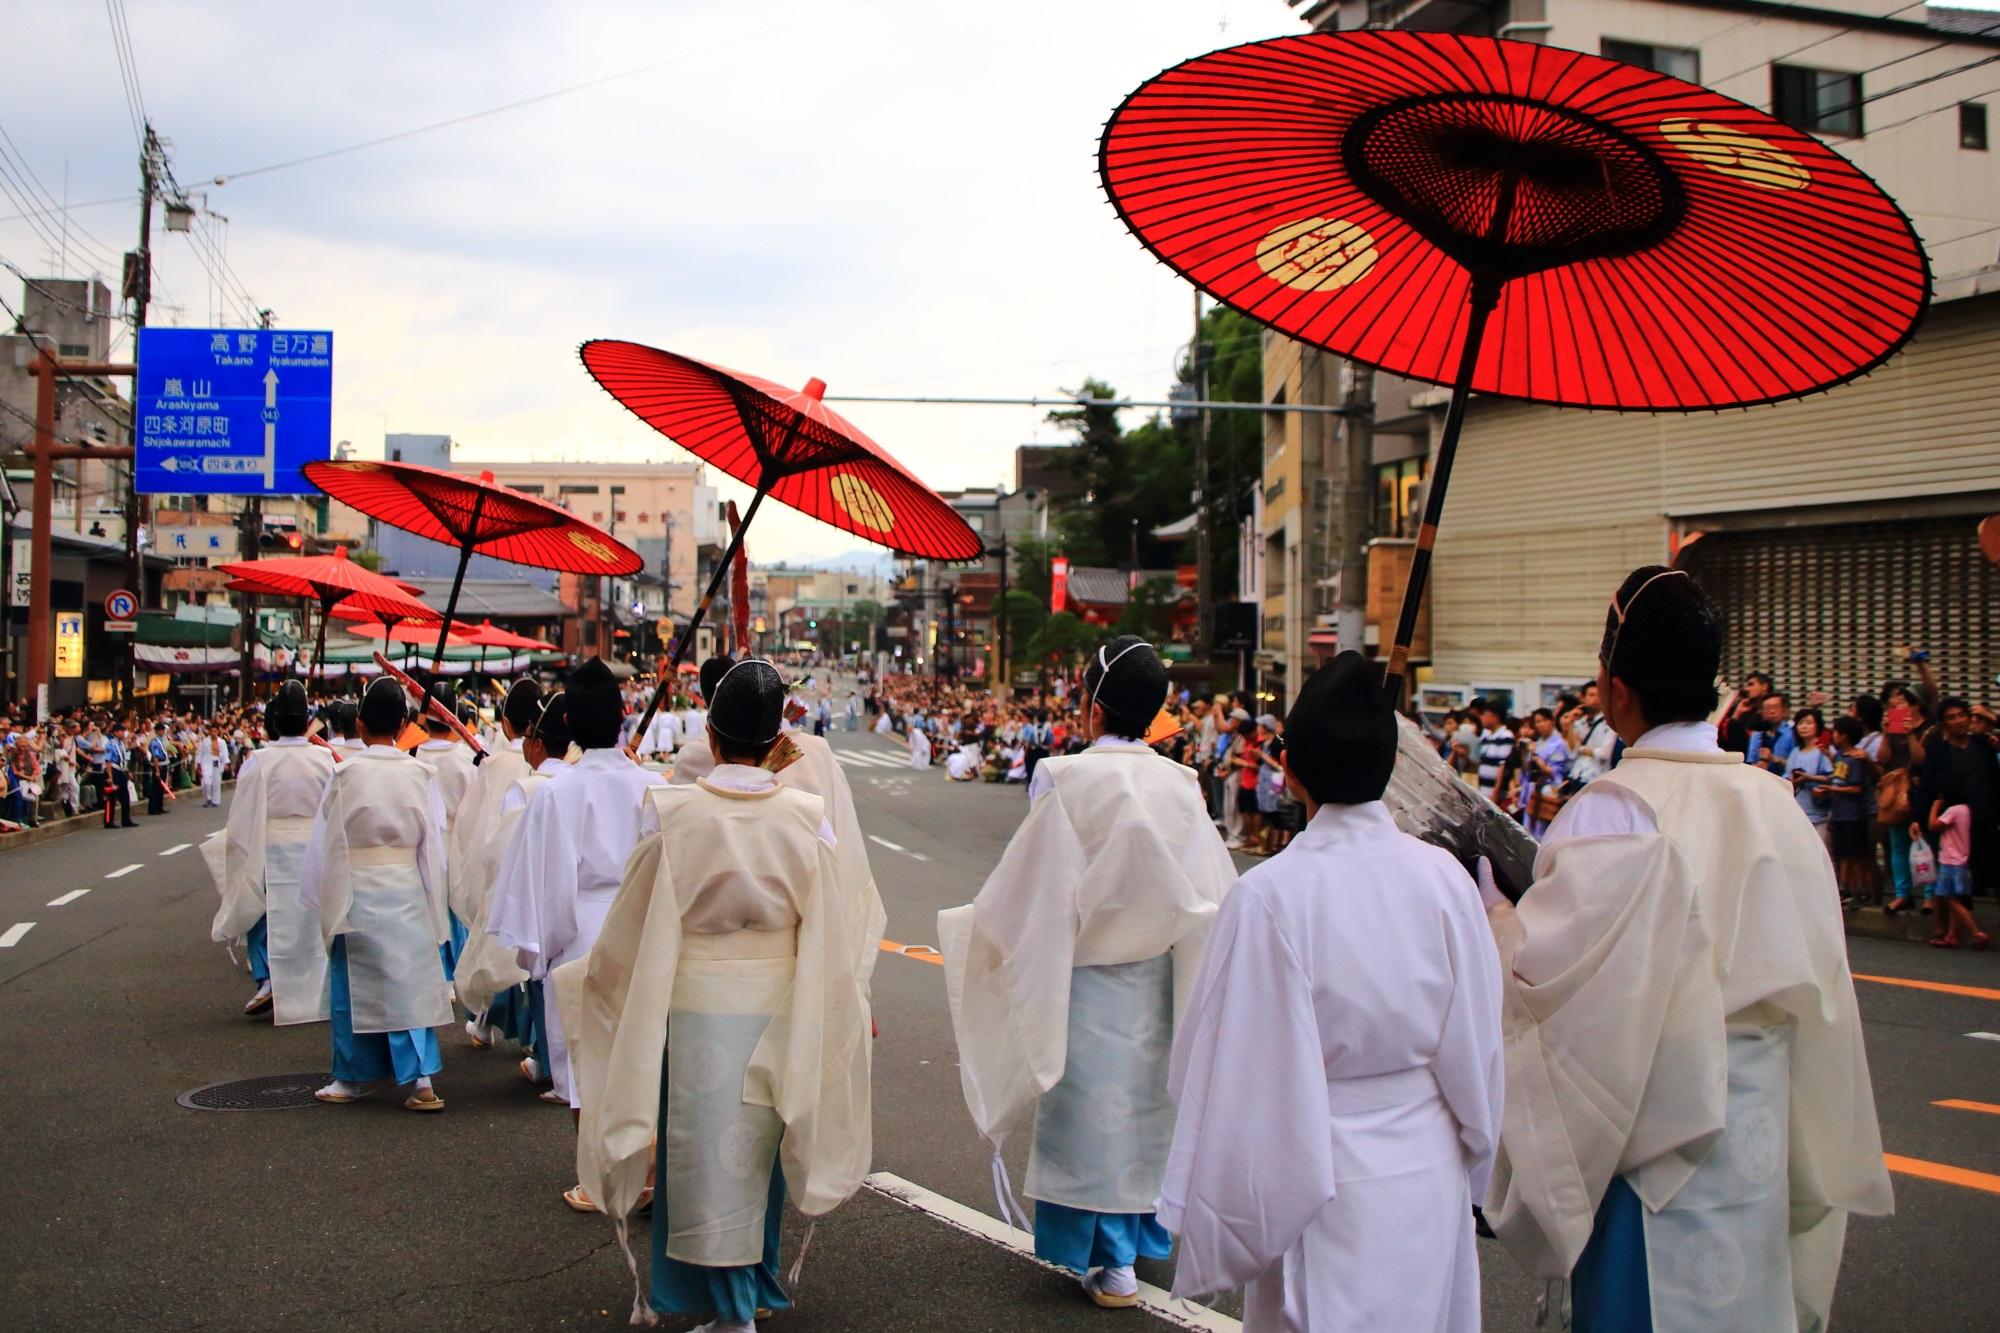 夏の風物詩の祇園祭の神幸祭